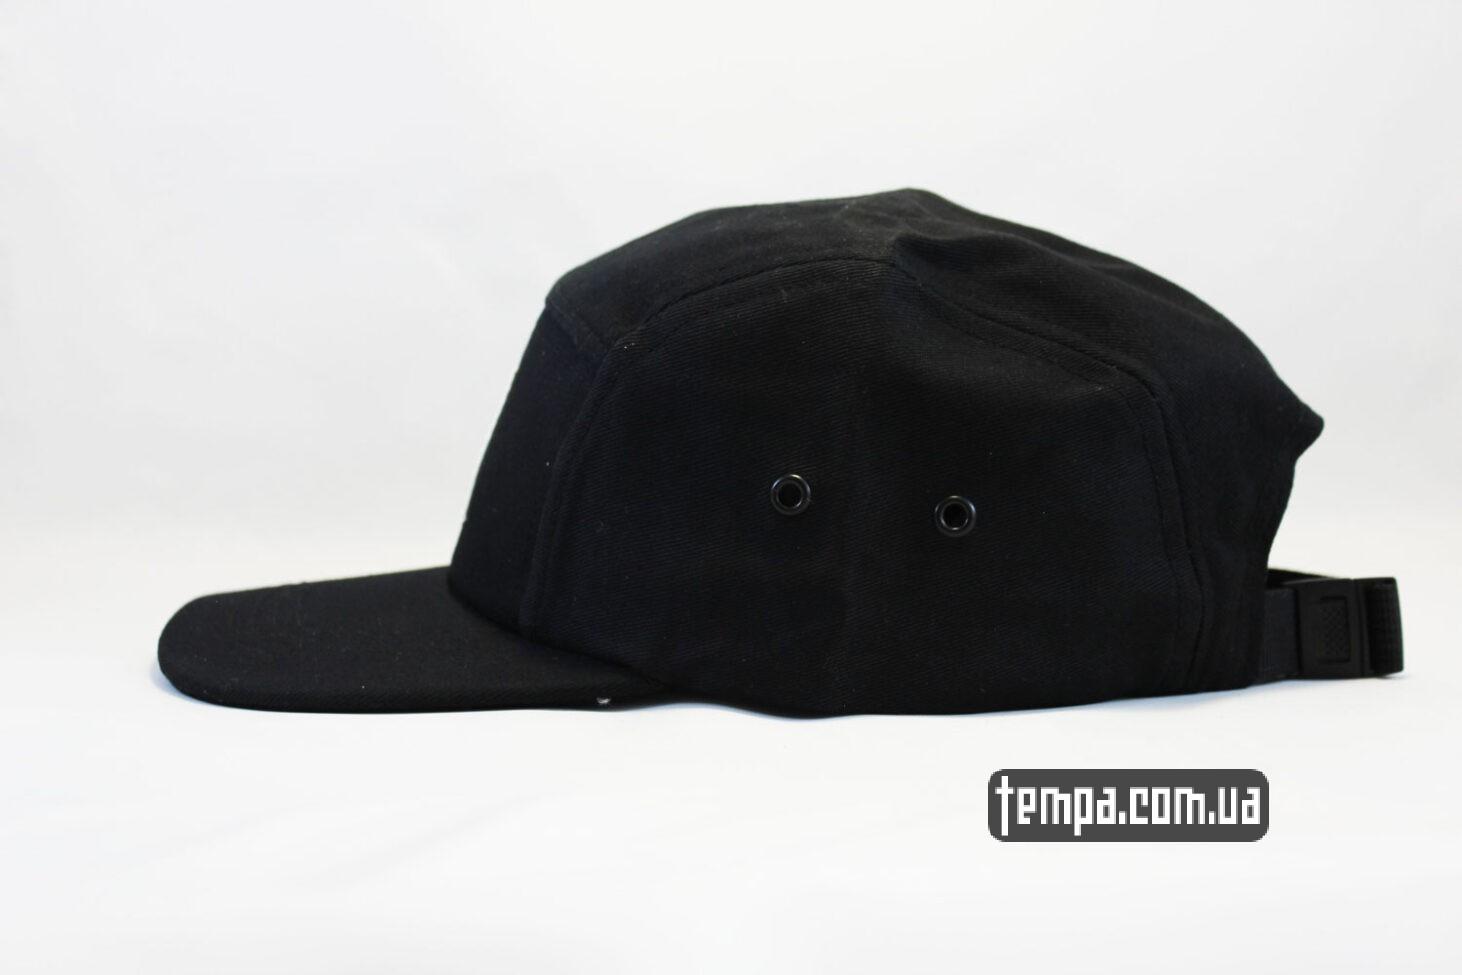 Украина купить пятипанельная кепка carhartt 5 panel cap черная